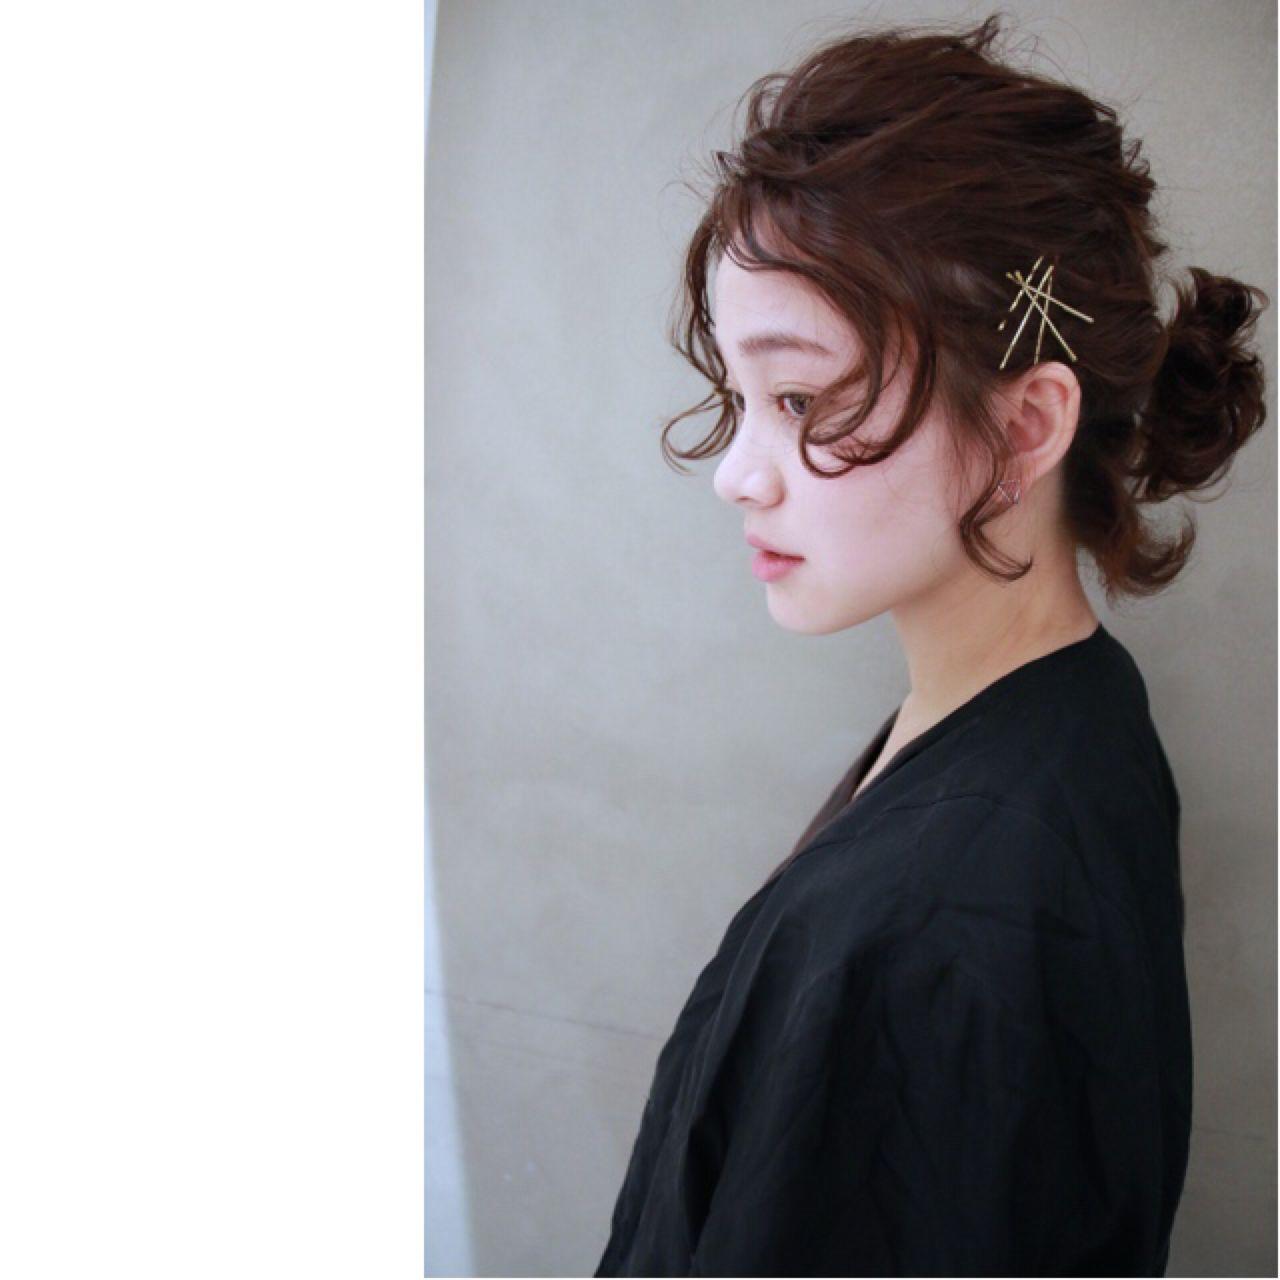 ヘアアレンジ ボブ ナチュラル ウェーブヘアスタイルや髪型の写真・画像